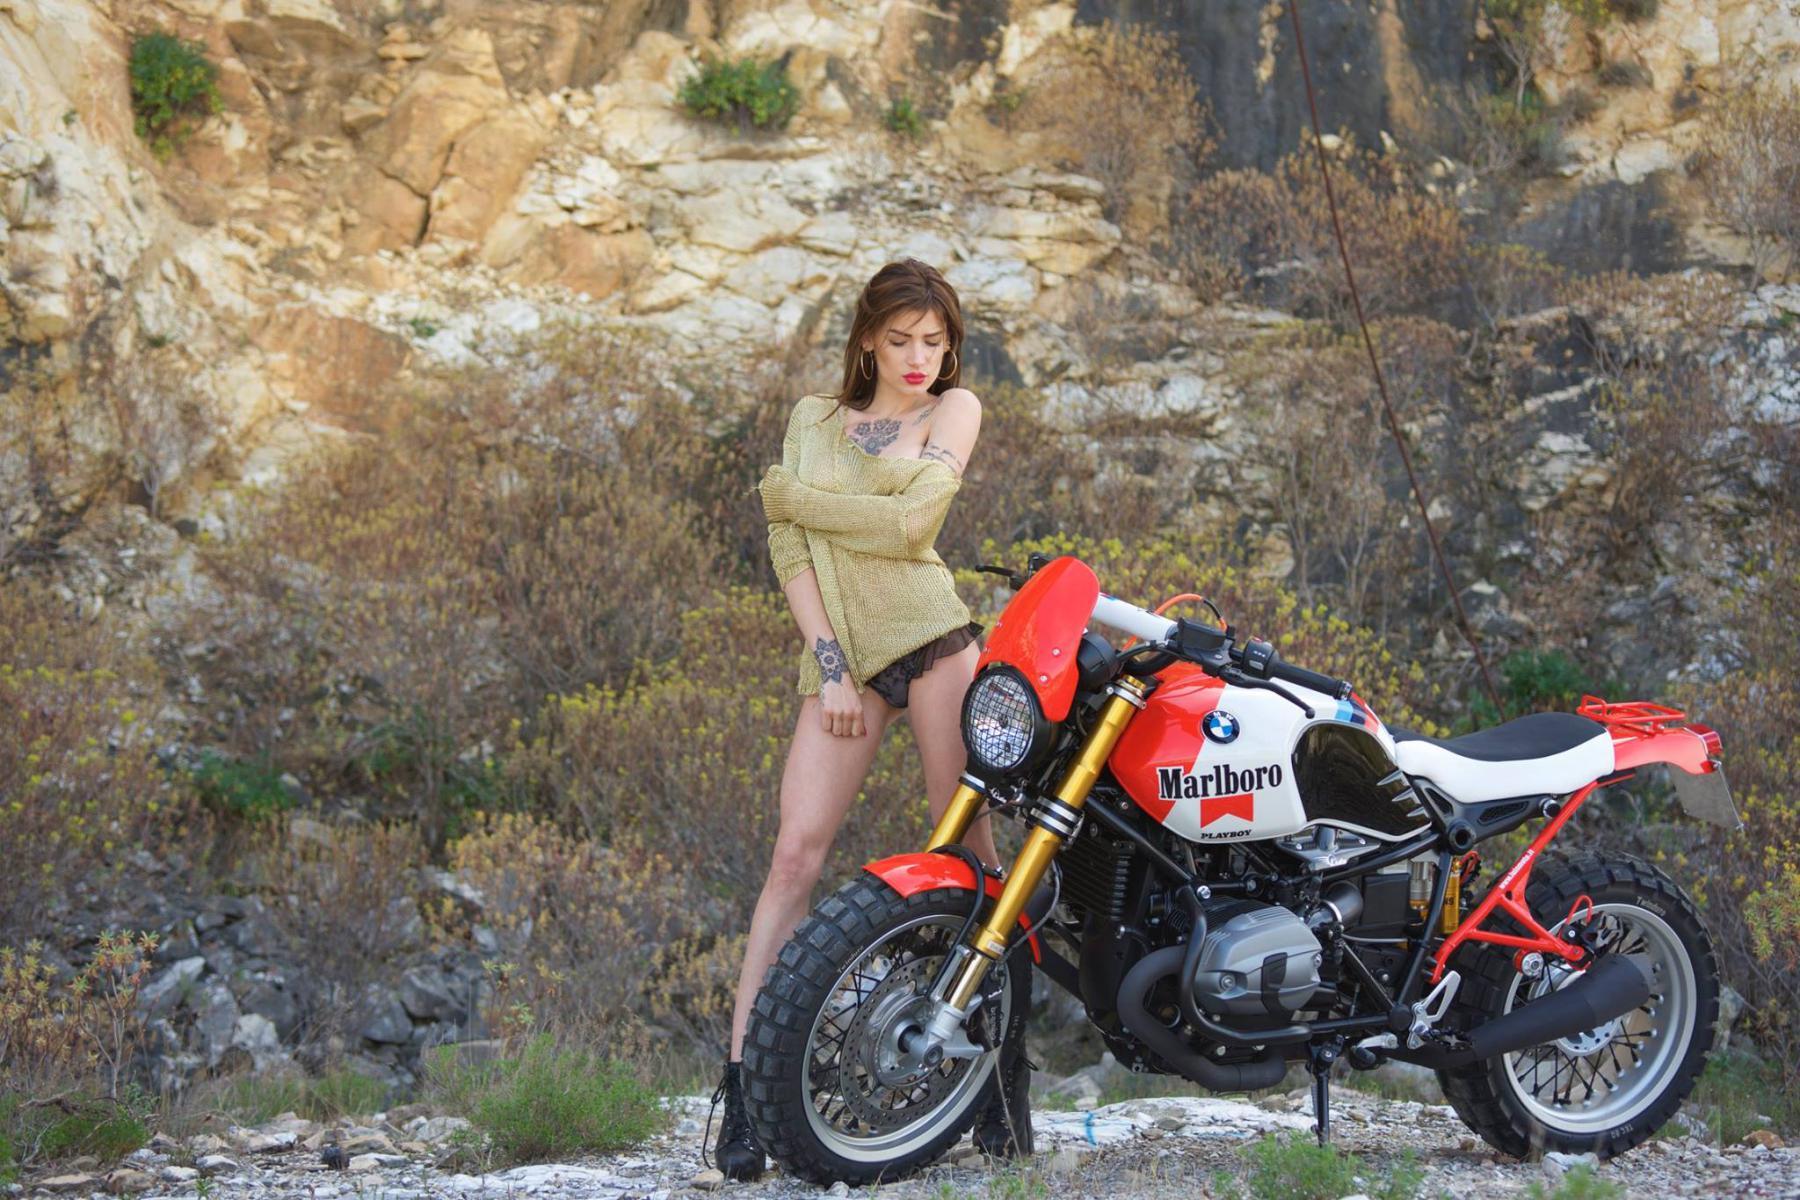 Bmw Nine T Pure >> BMW R Ninet Marlboro ... and girl... - BMW NineT Forum